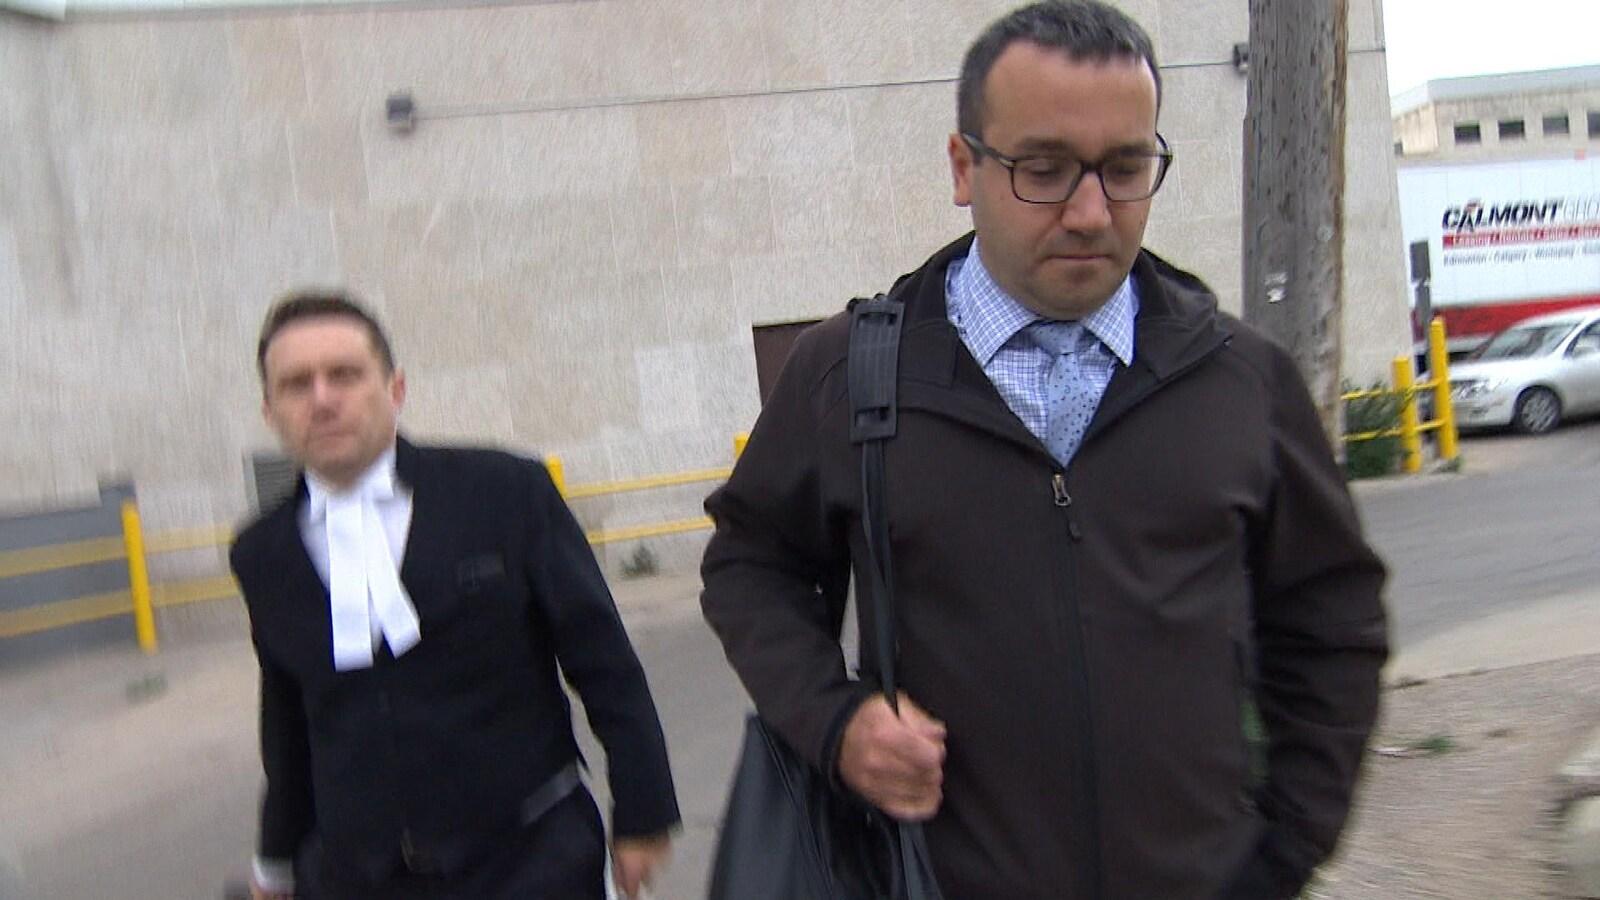 Rémi Dallaire marche, en regardant par terre, avec son avocat à sa gauche.